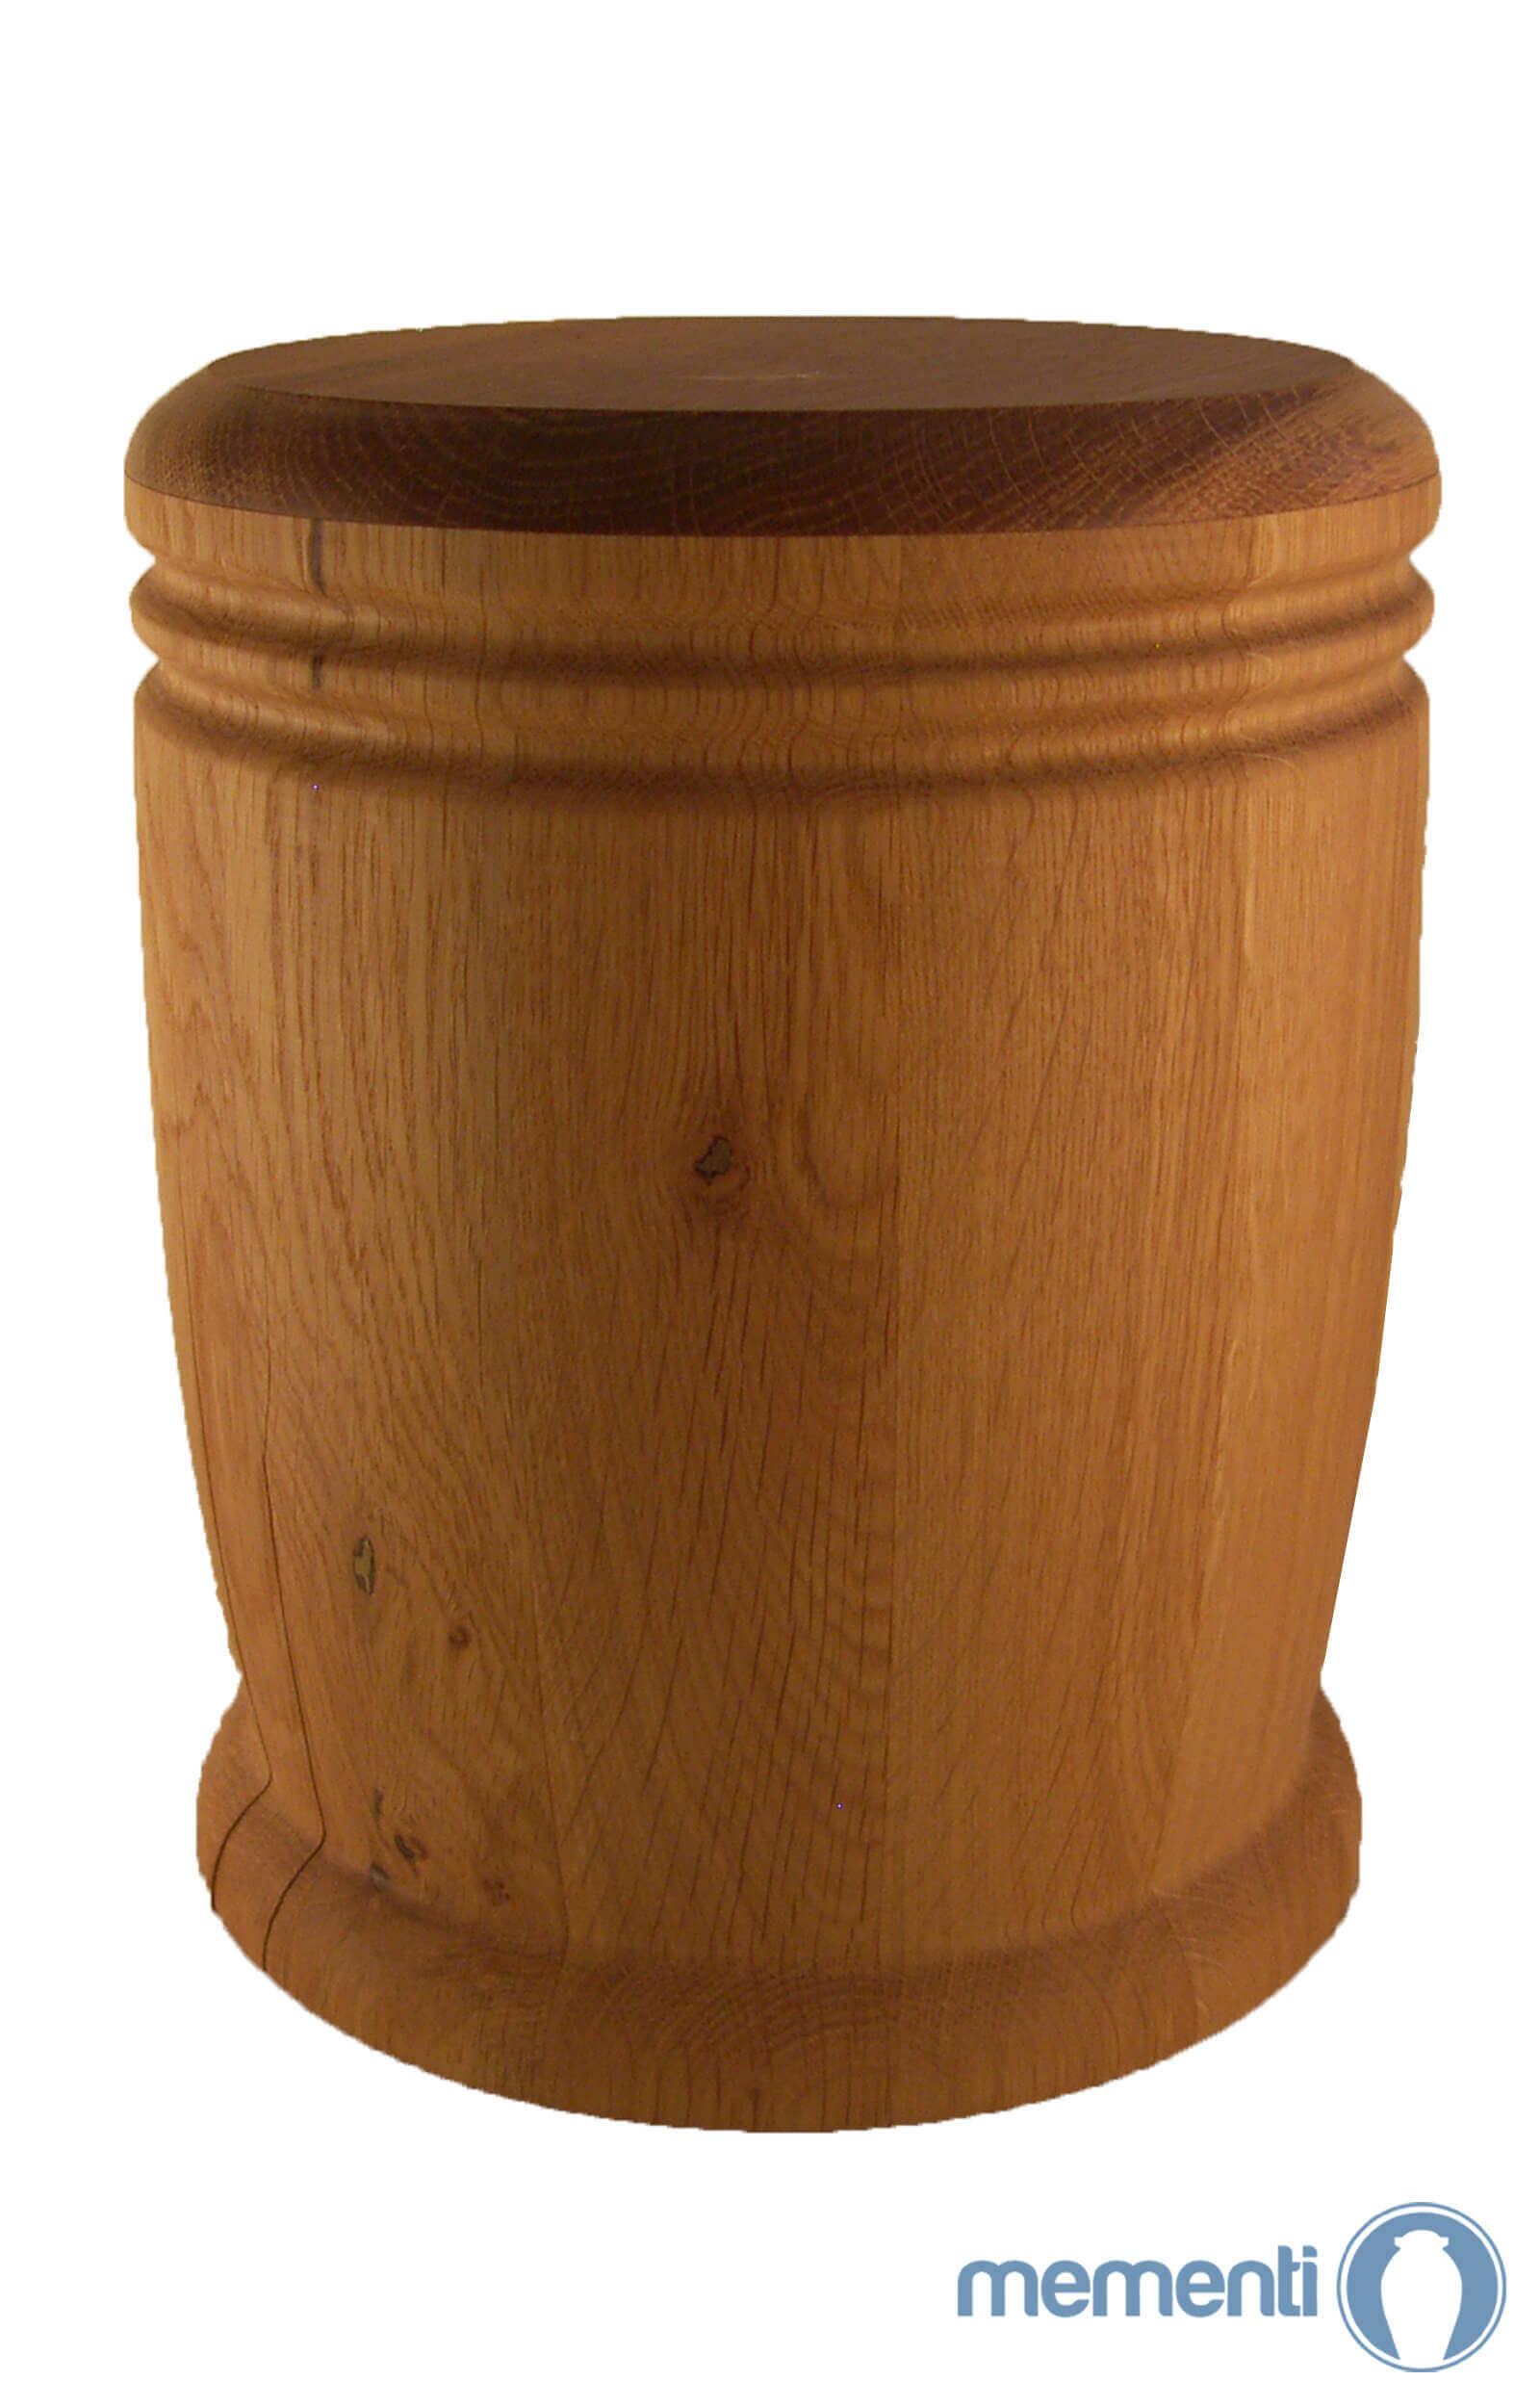 en HR07 large oak wooden urn